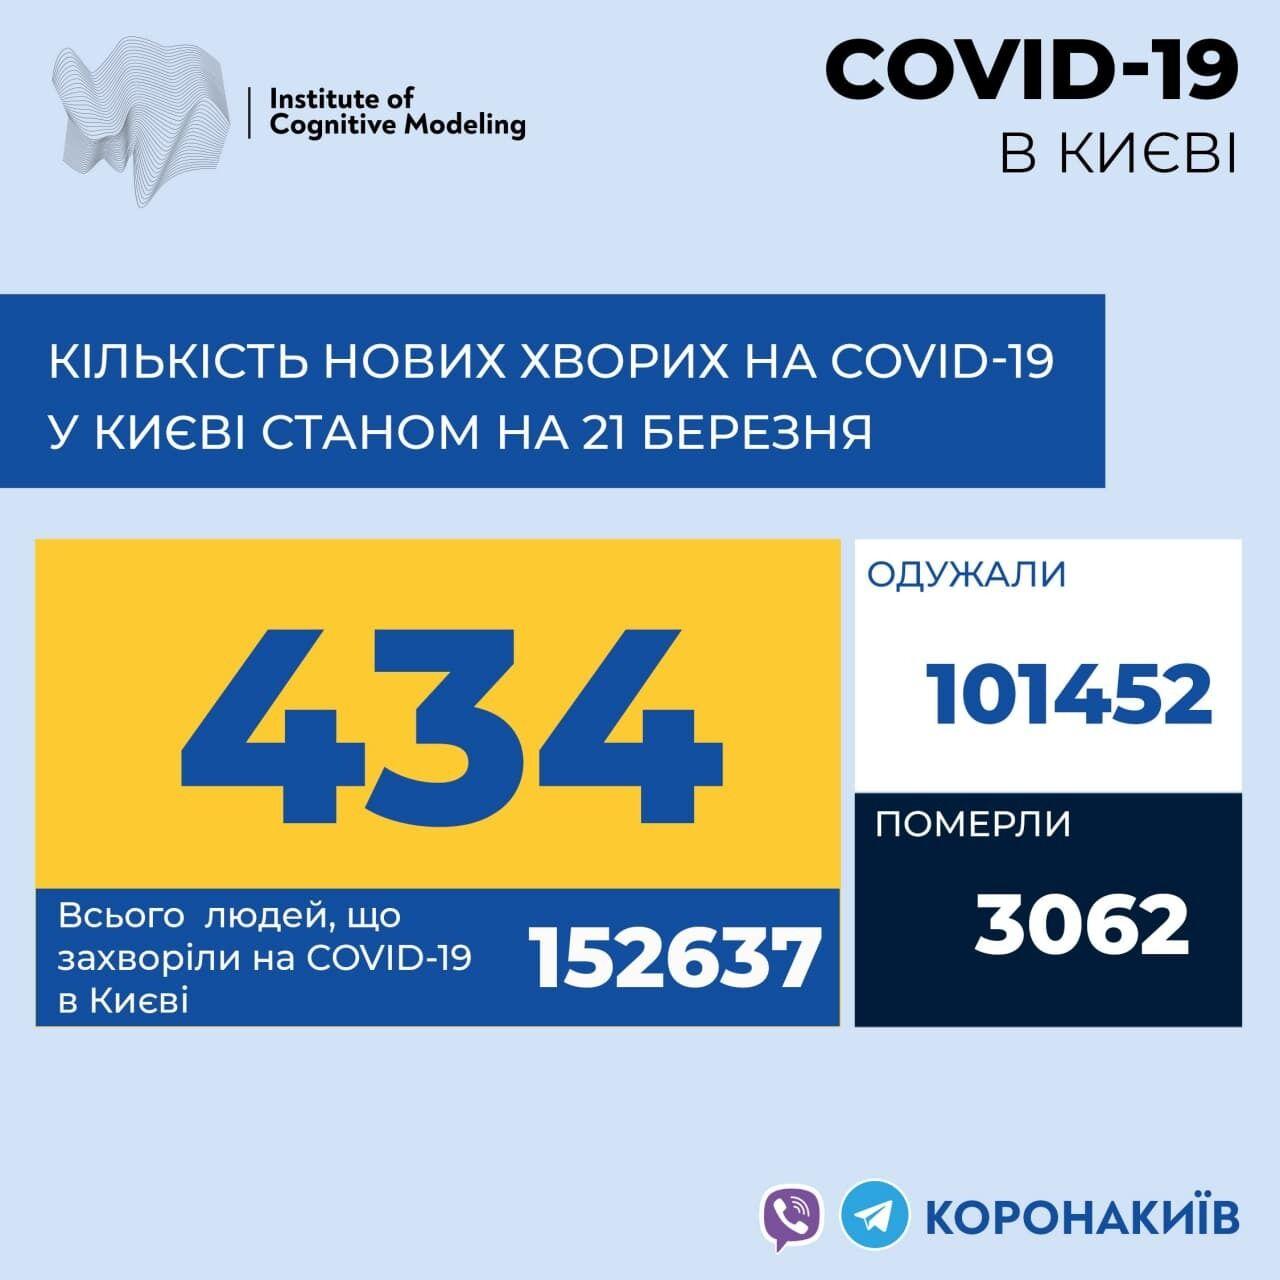 Данные о количестве подтвержденных случаев COVID-19 в столице по состоянию на 21 марта.